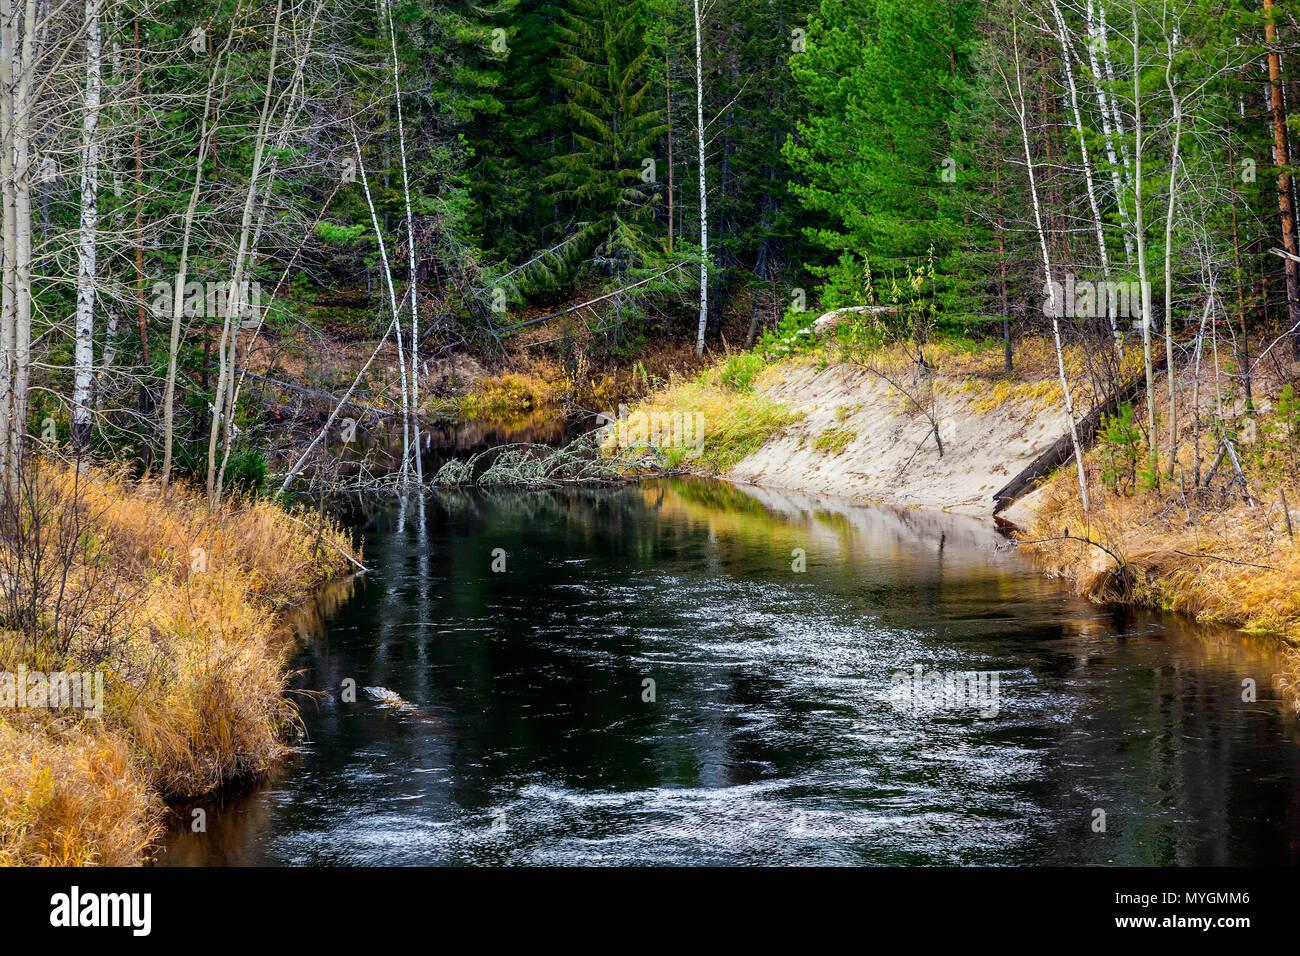 Black River - Stock Image